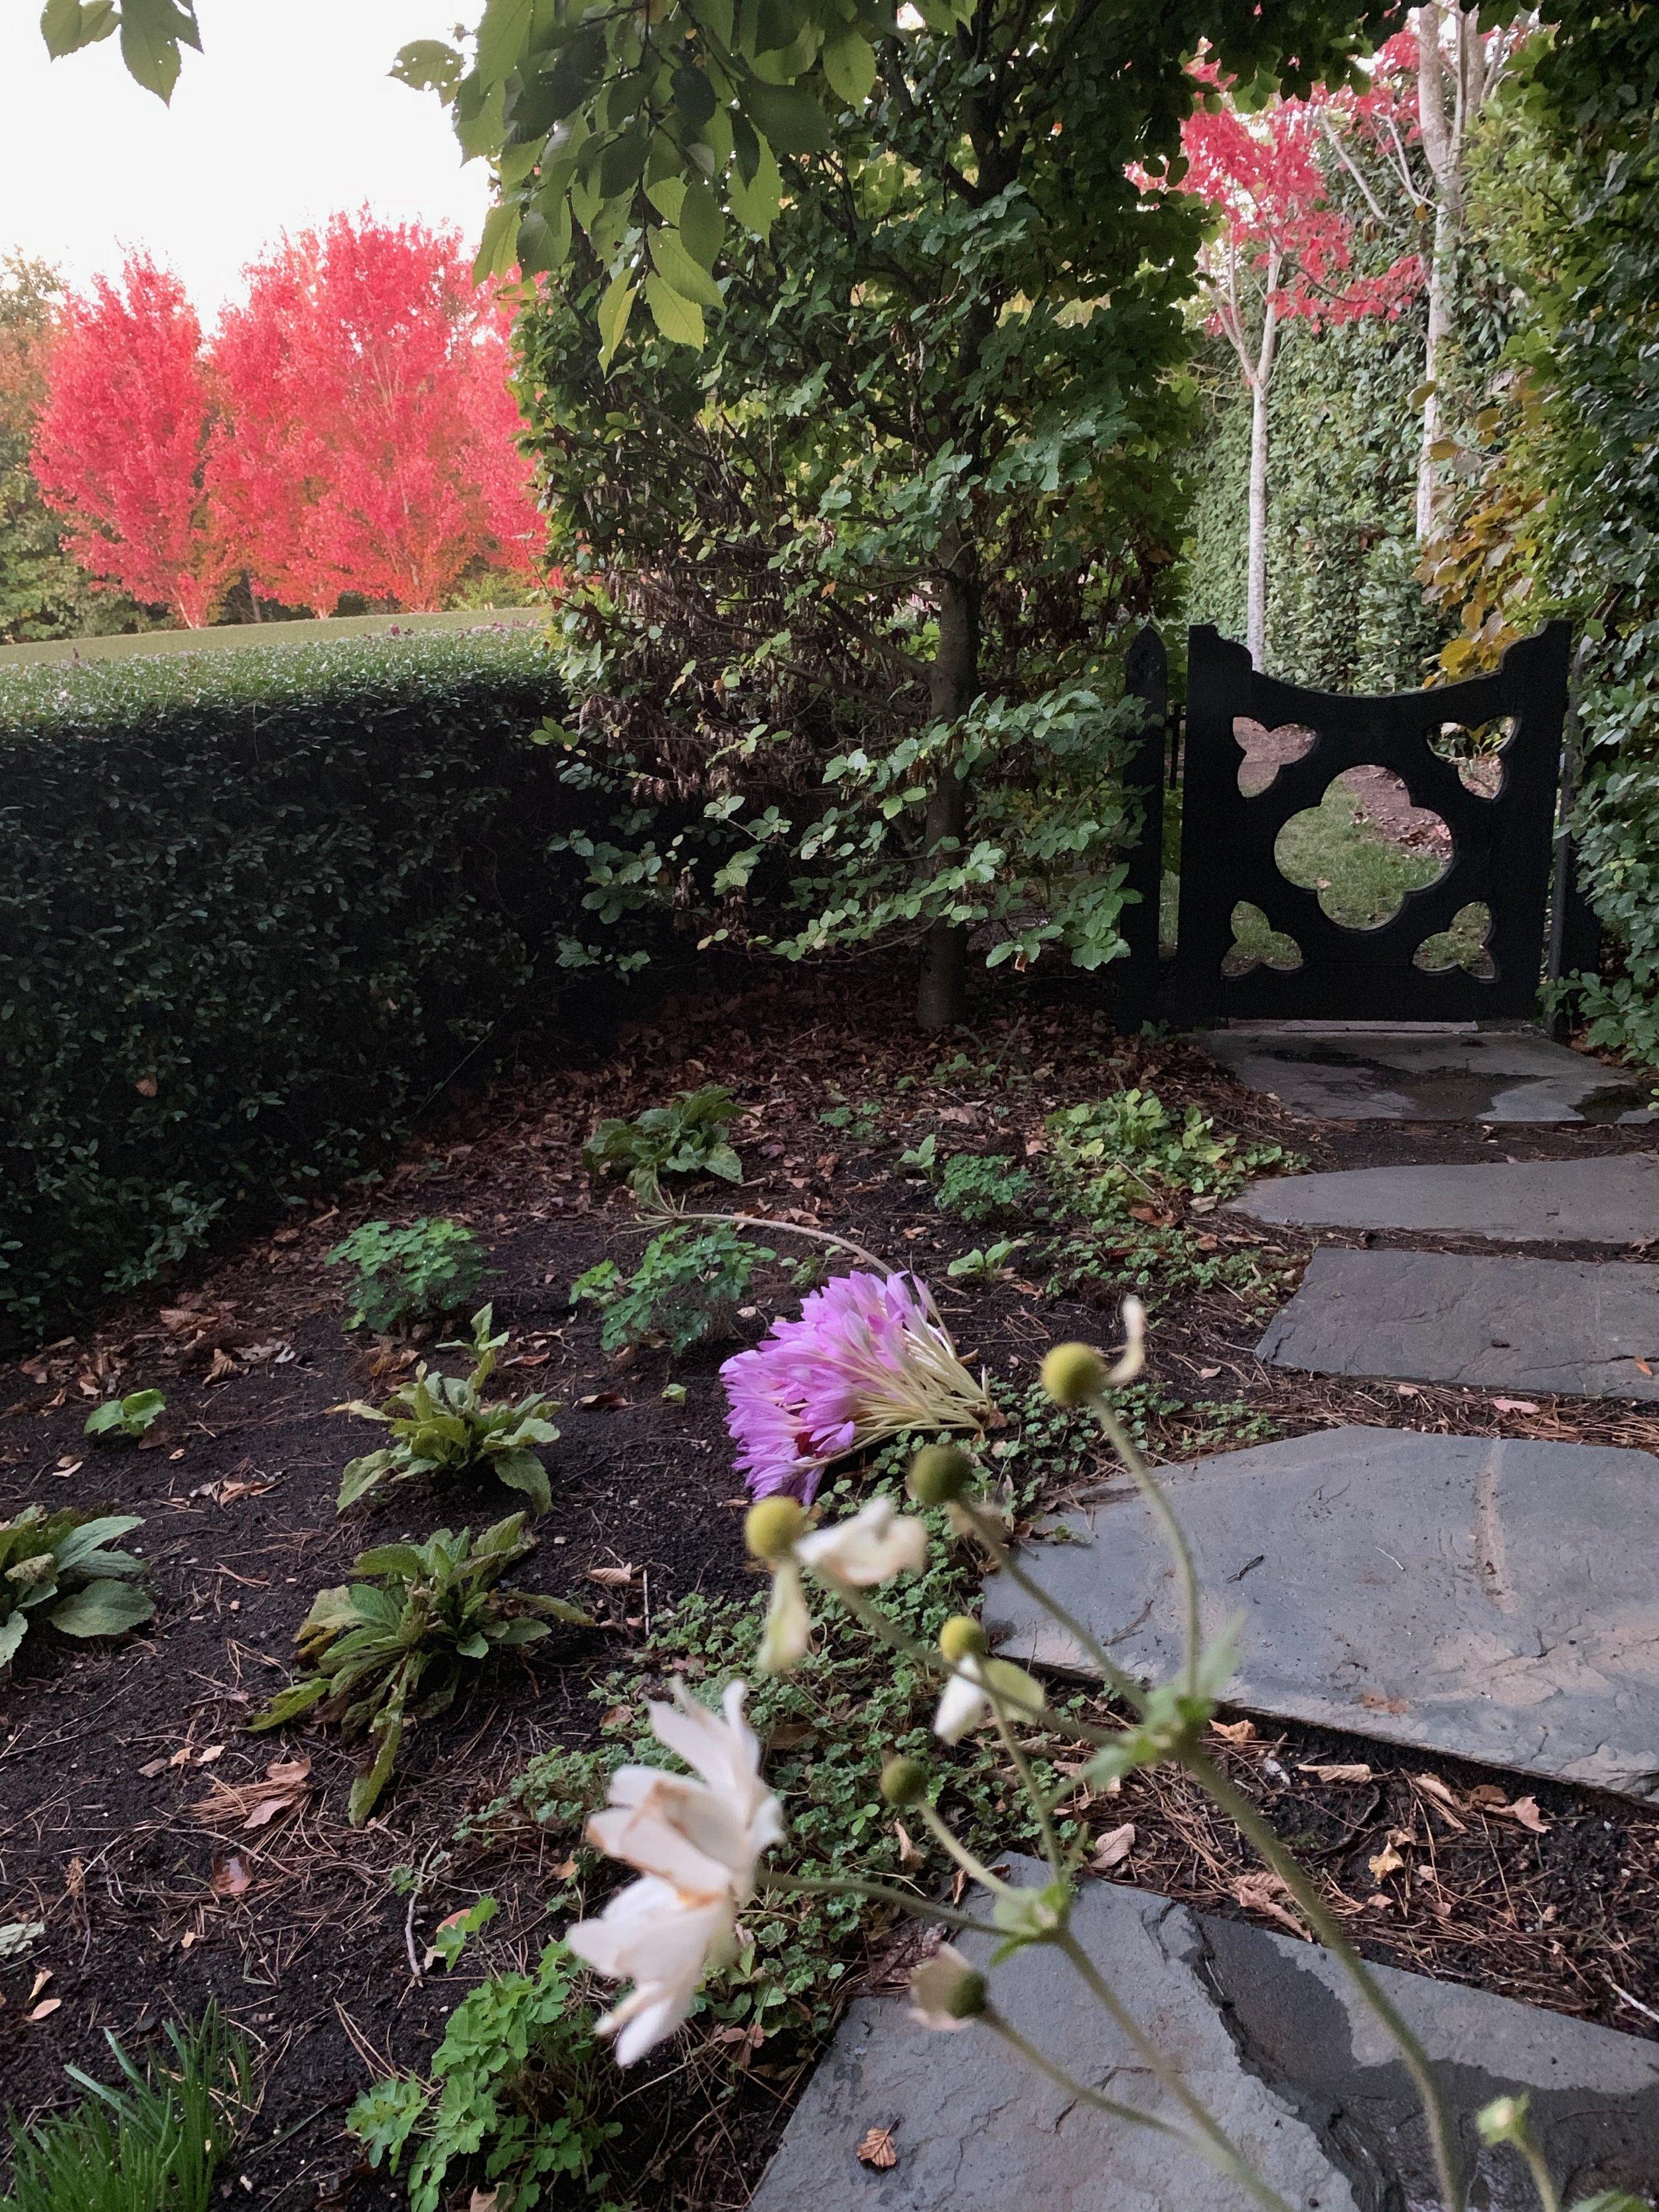 muskfarm_lipstick_maple_trees_crocus_autumn_flower_garden_IMG_0023.jpeg